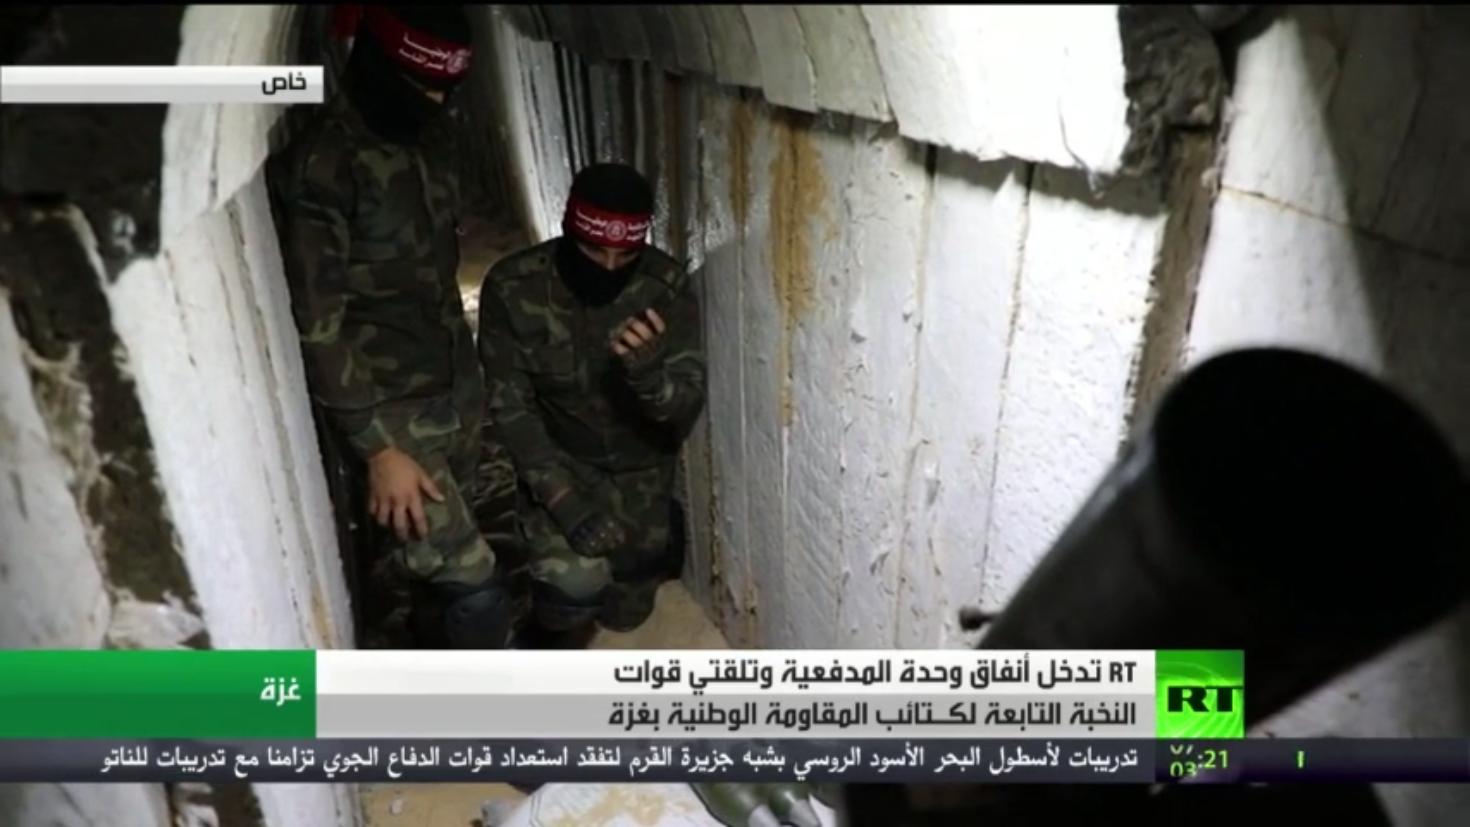 عدسة RT تدخل أنفاقا للجبهة الديمقراطية بغزة